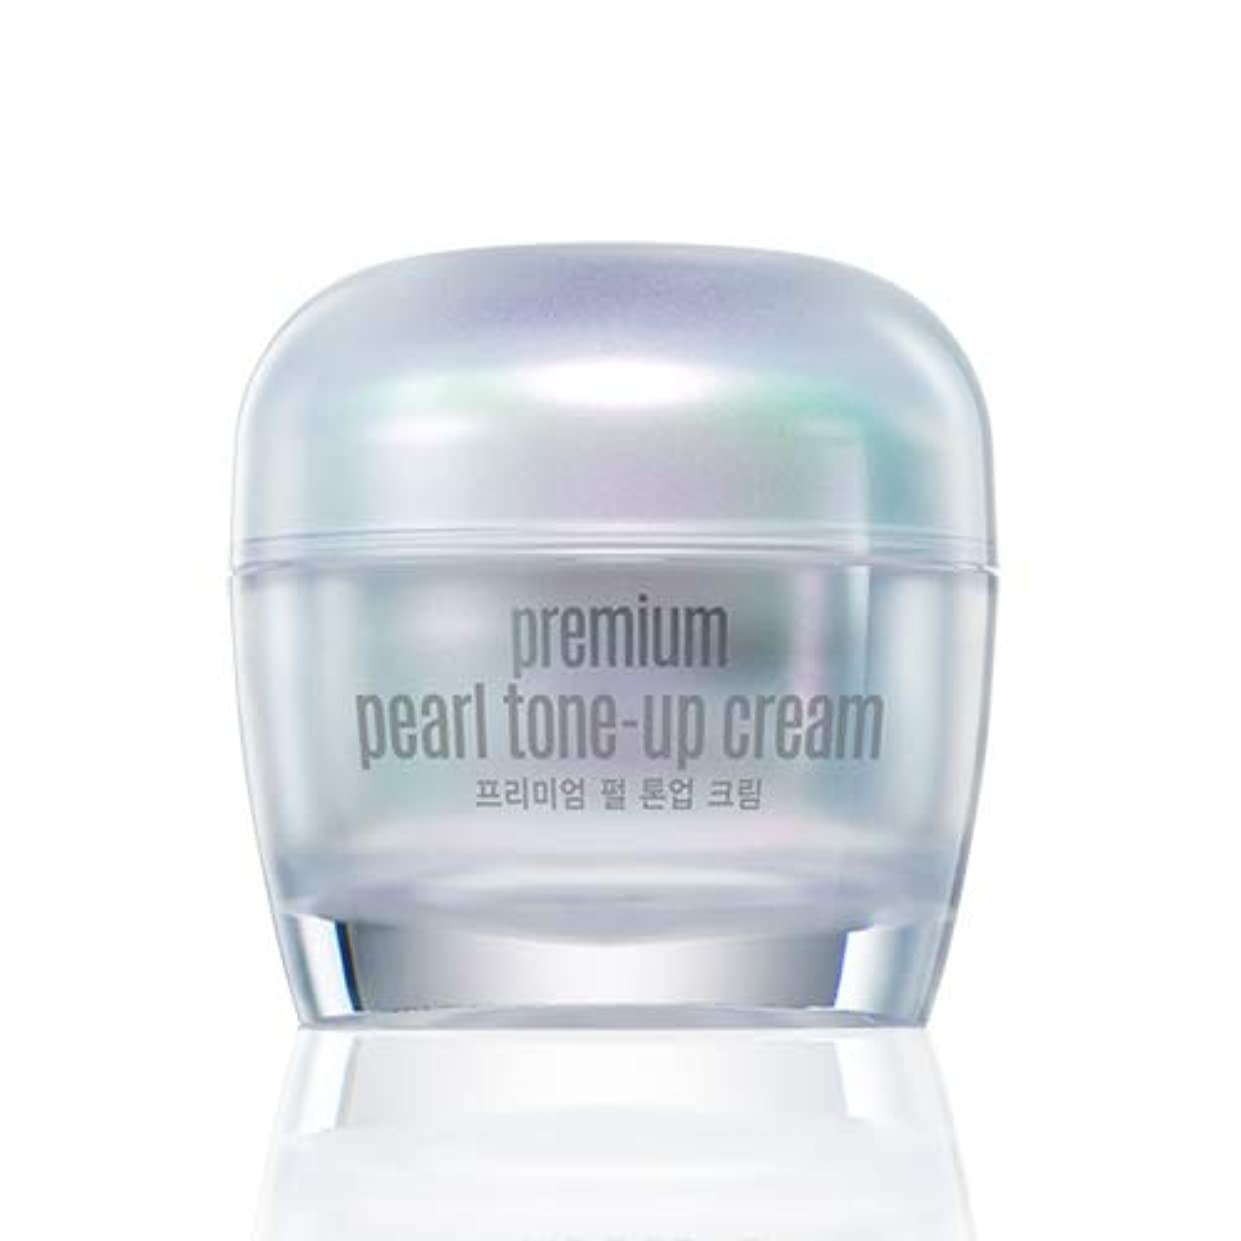 ドナーから望みグーダル プレミアム パール トーンアップ クリーム50ml Goodal Premium Pearl Tone-up Cream [並行輸入品]